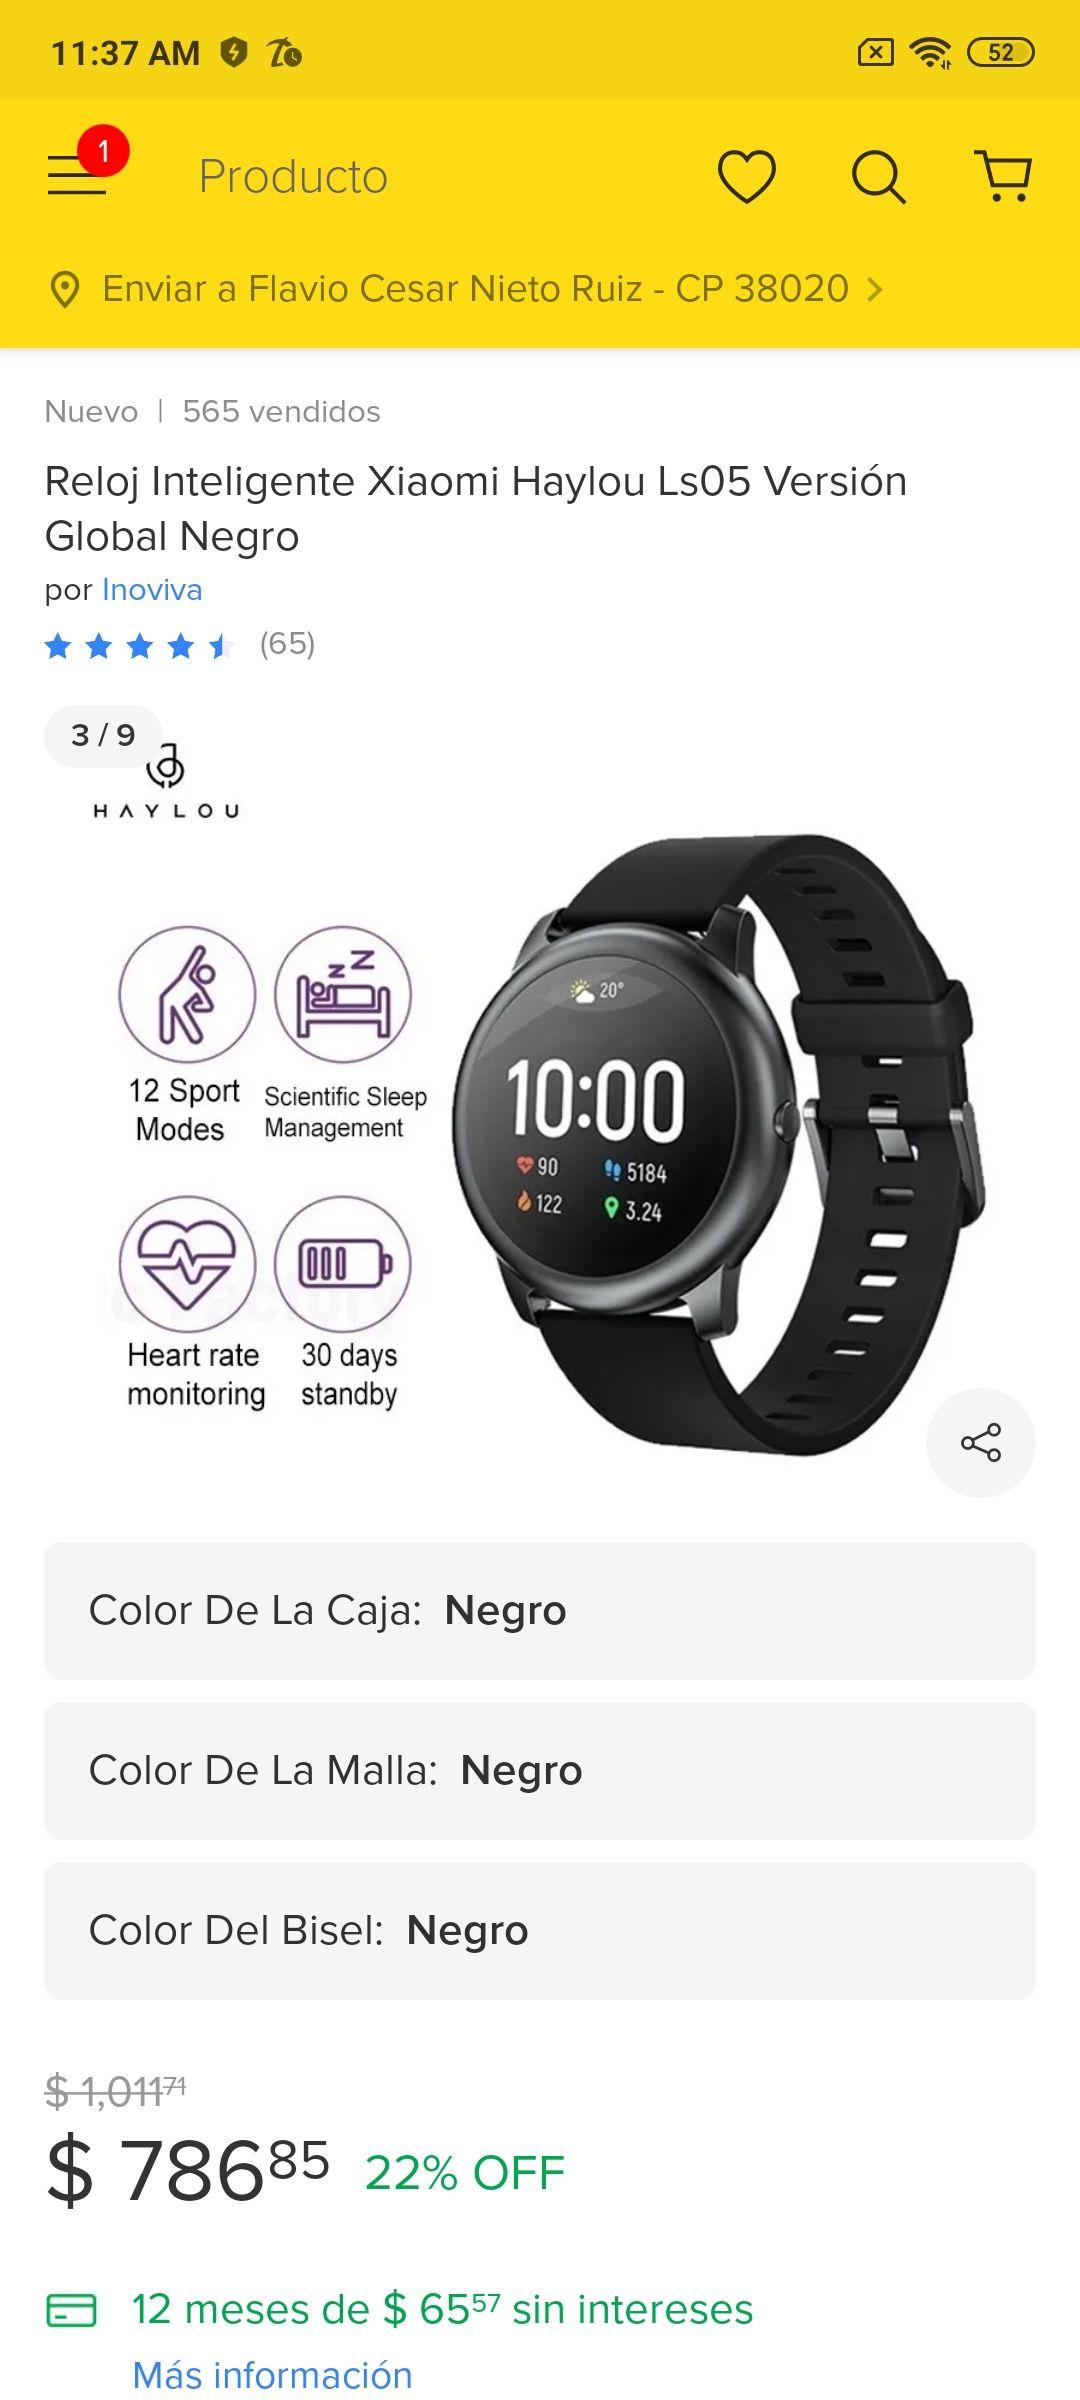 Tienda Oficial Inoviva en Mercado libre: Reloj Haylou LS05